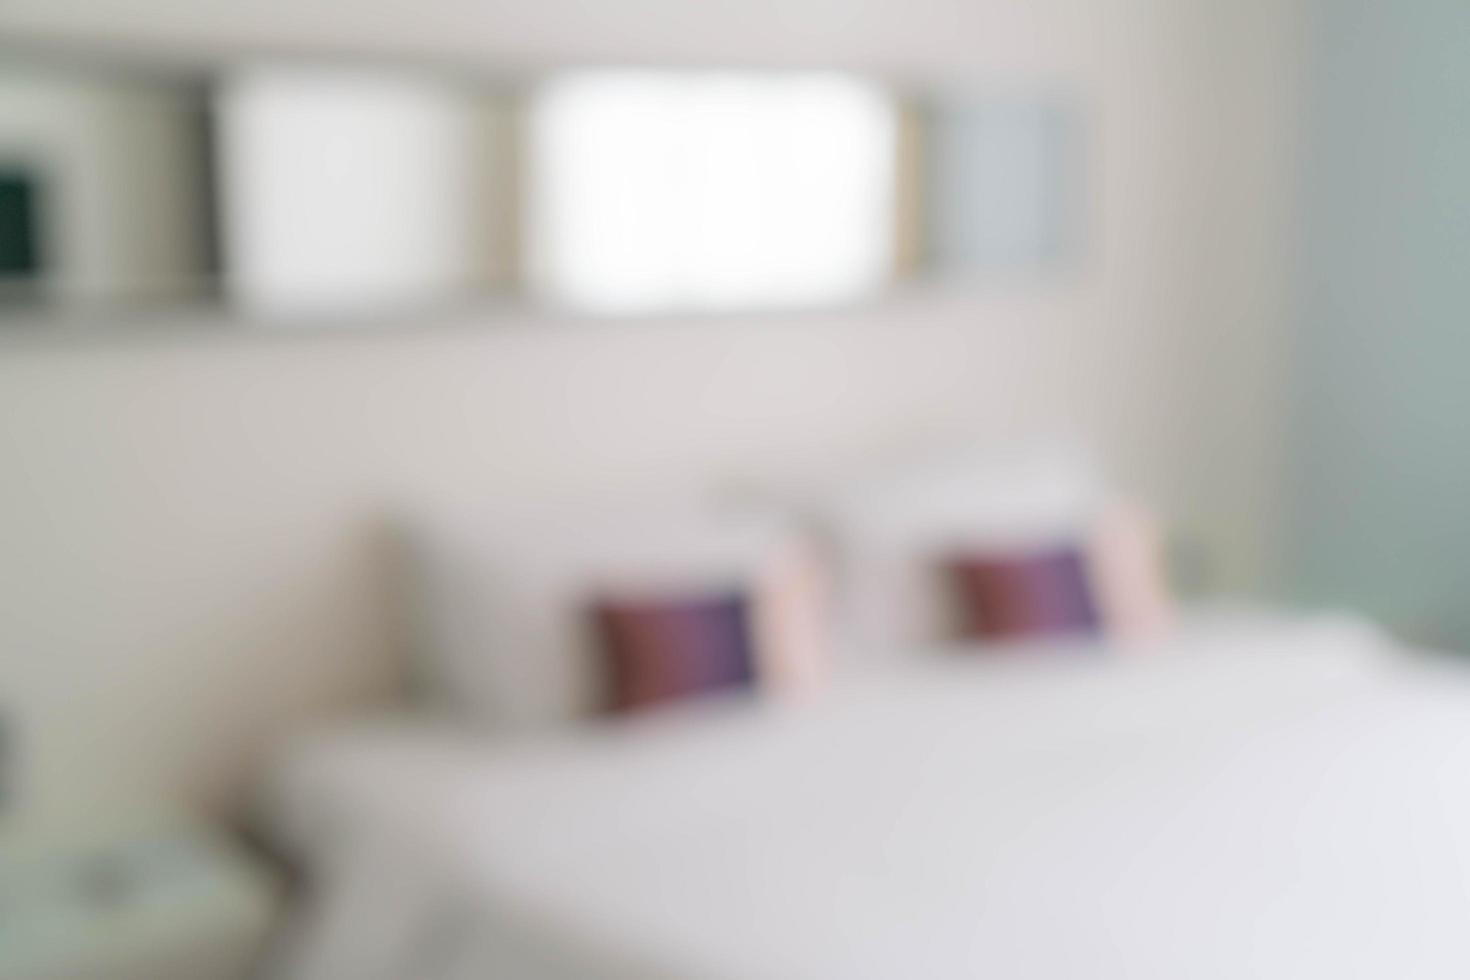 abstrakt oskärpa vackra lyxiga sovrum interiör foto